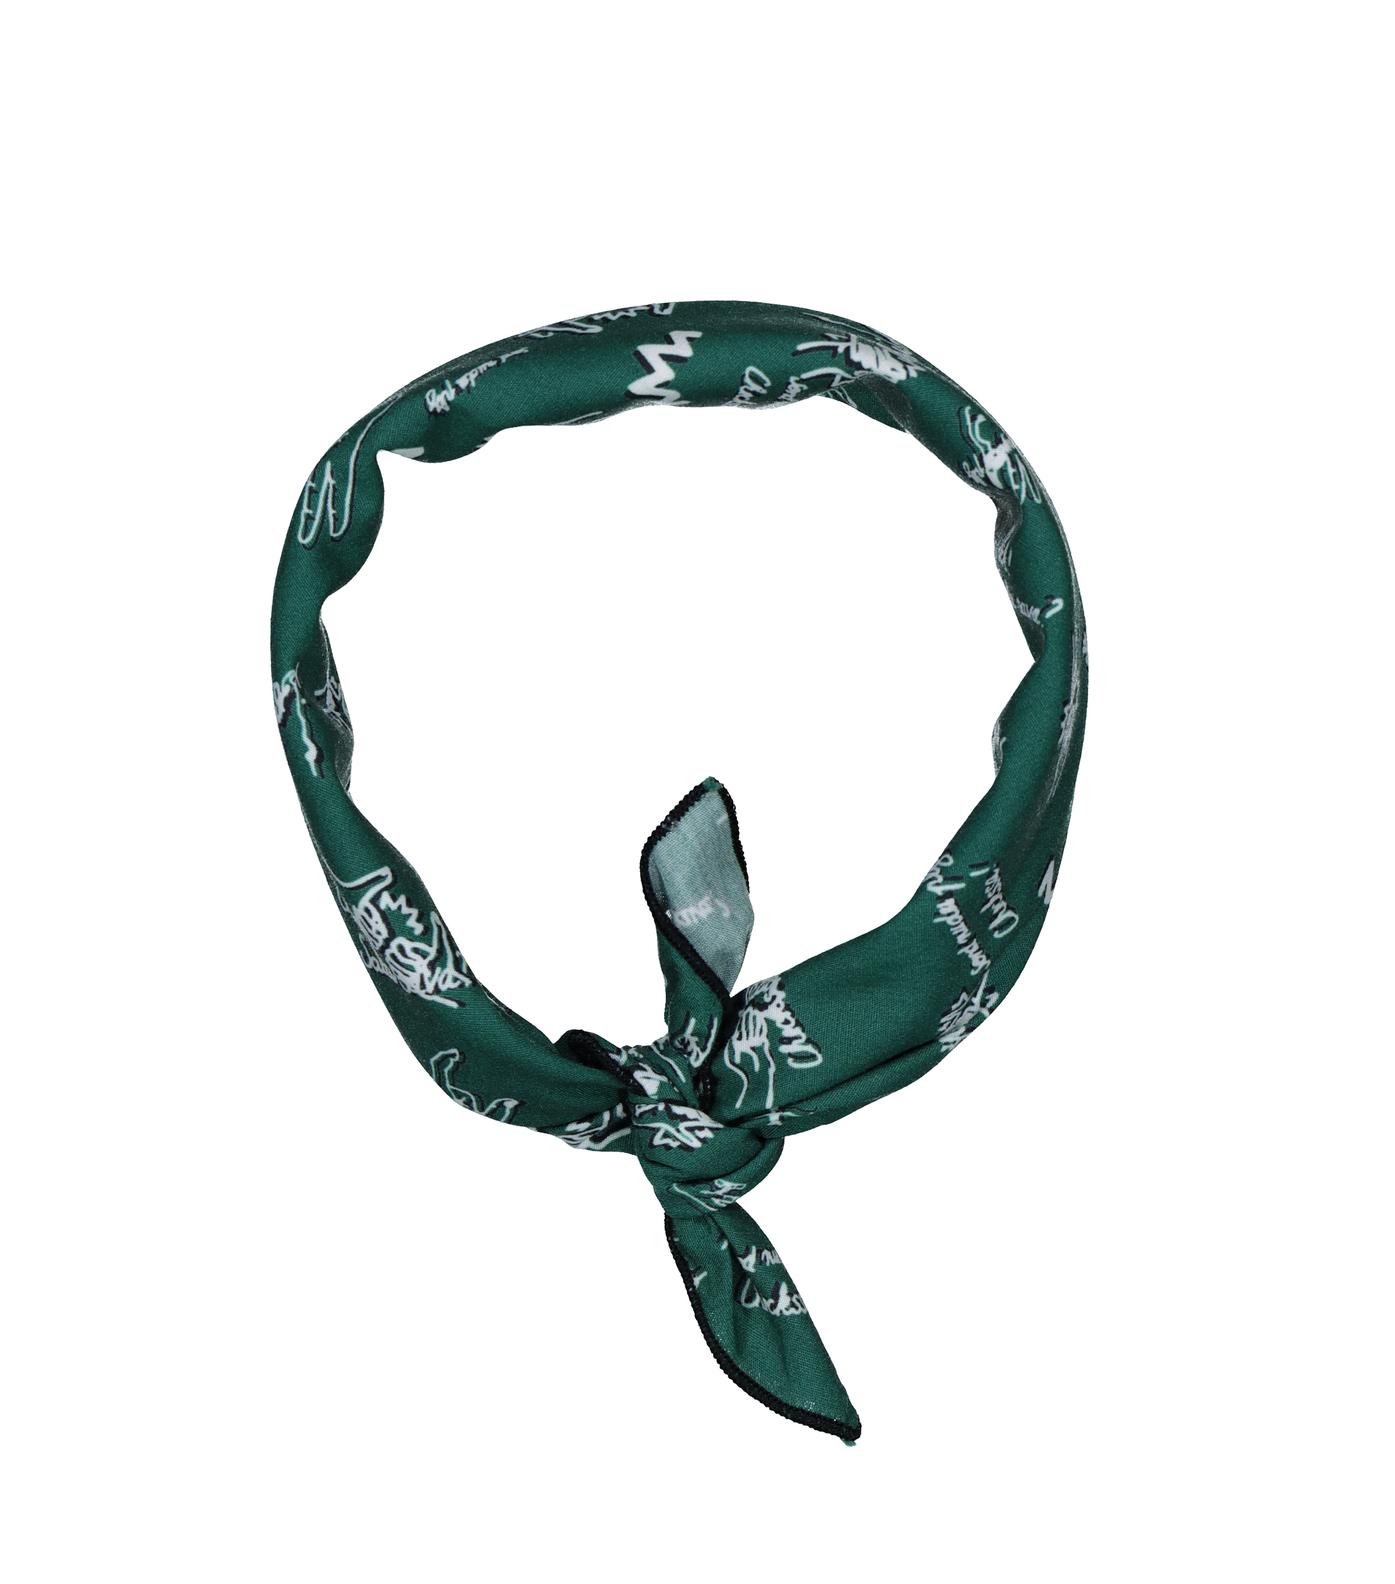 SCARF BANDANA - Green